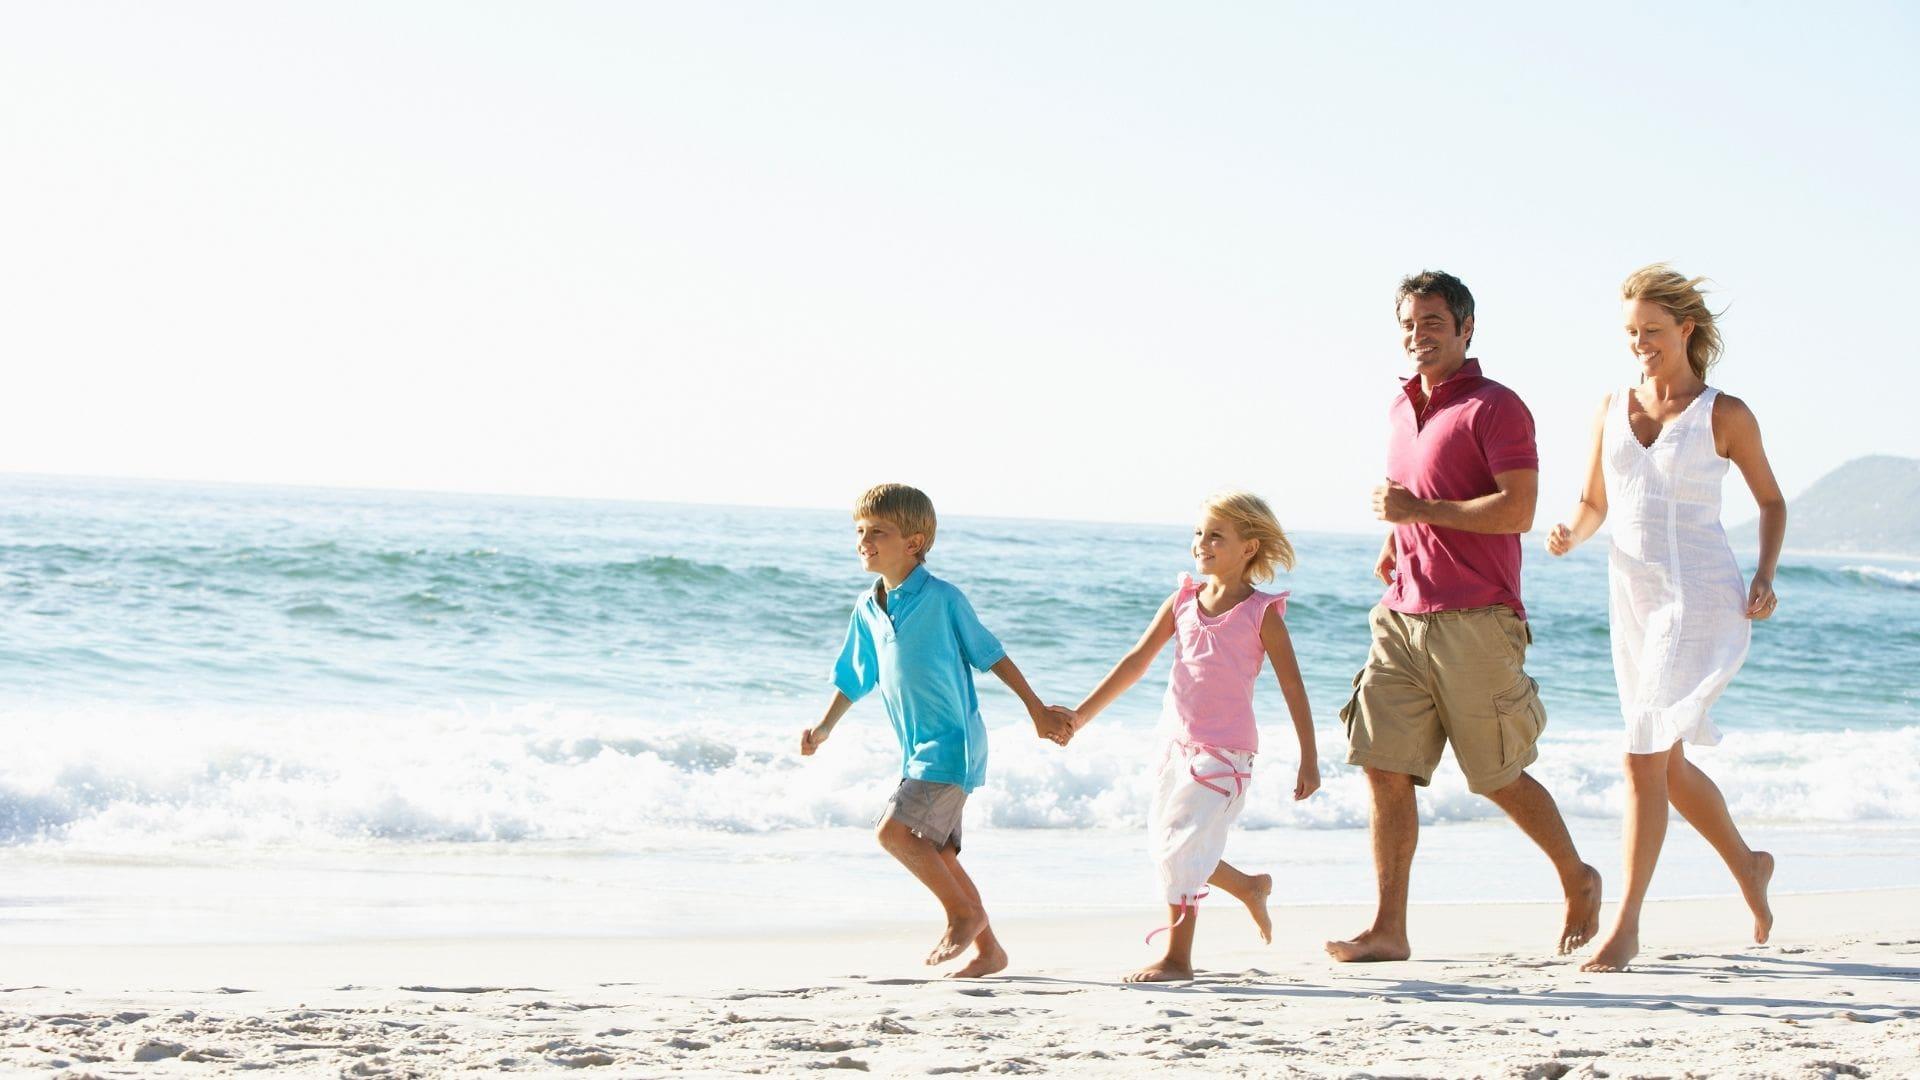 Familie im Sommer am Strand